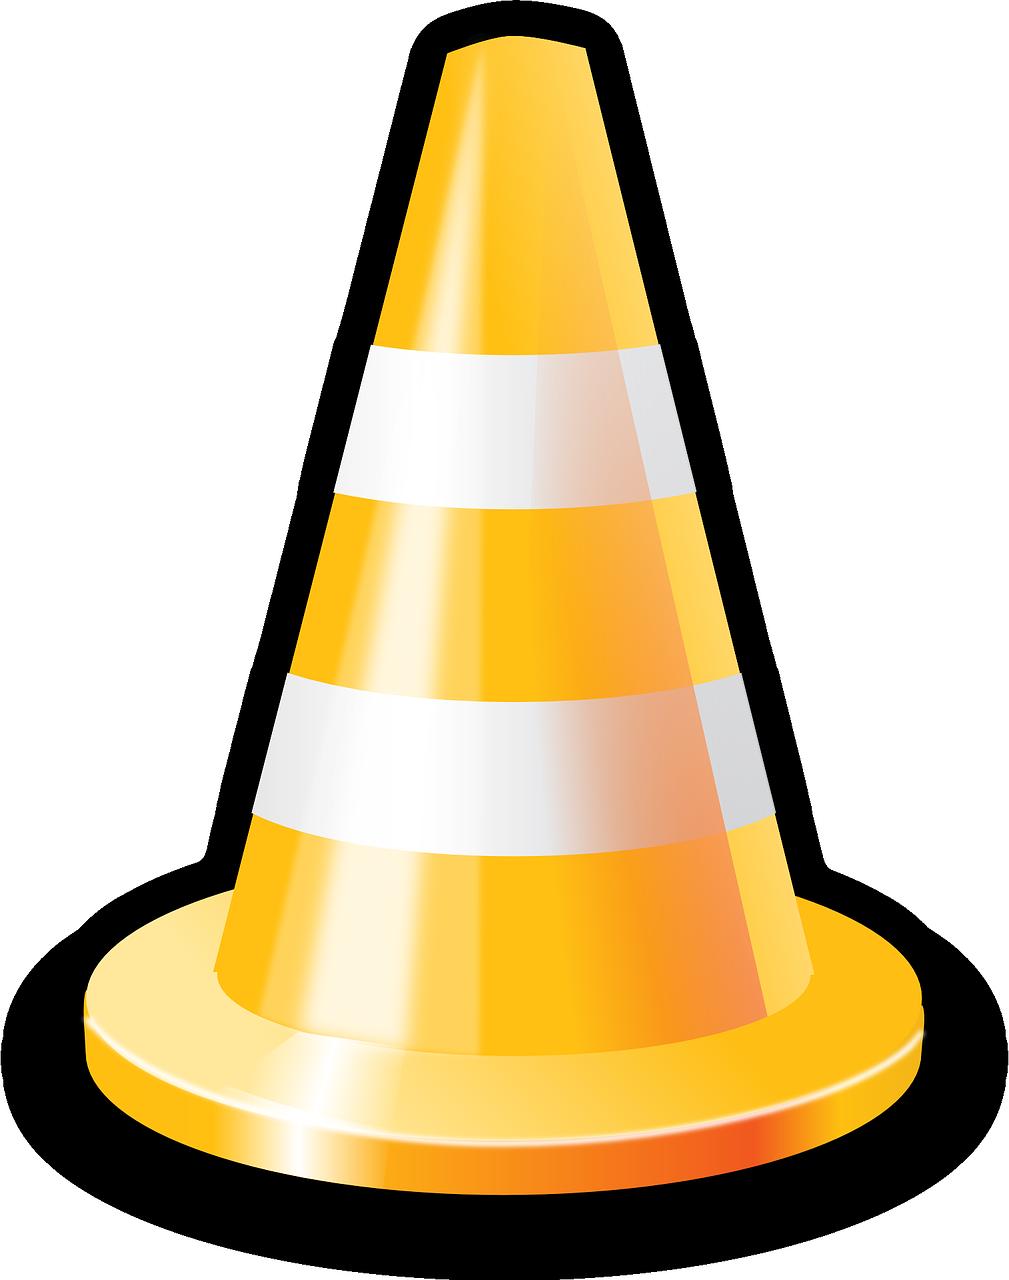 cone-160118_1280